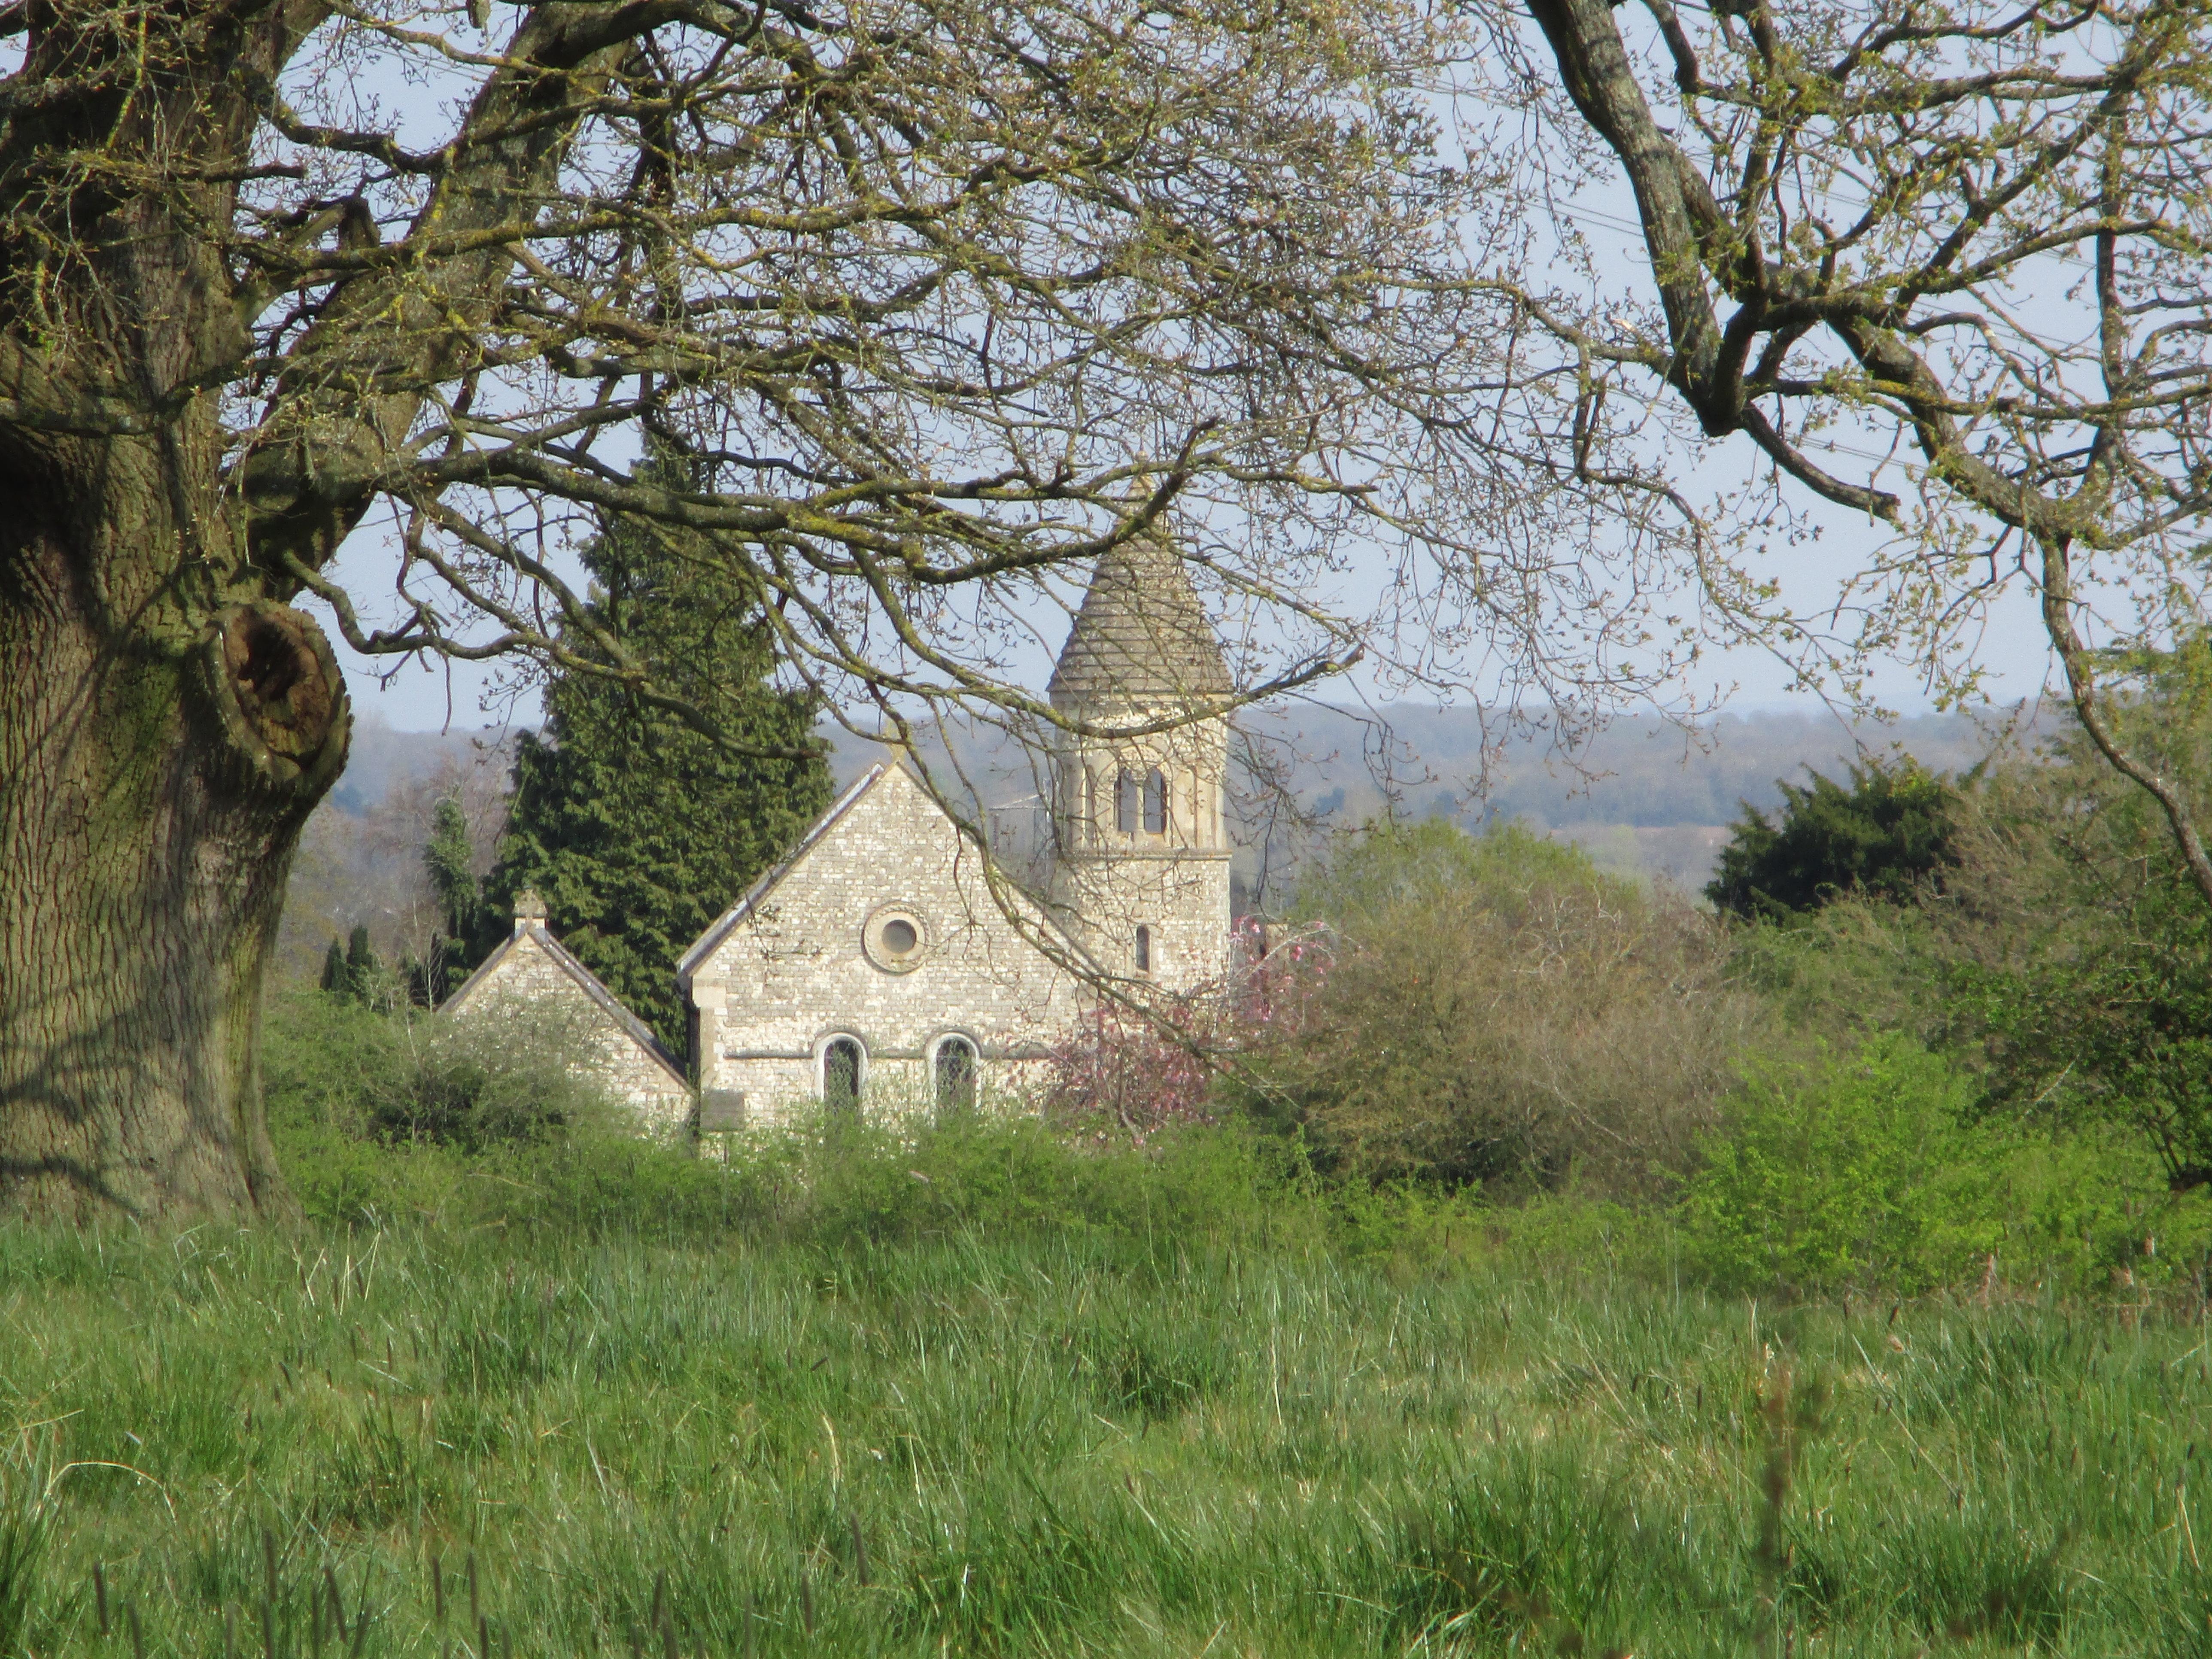 St John's in the spring